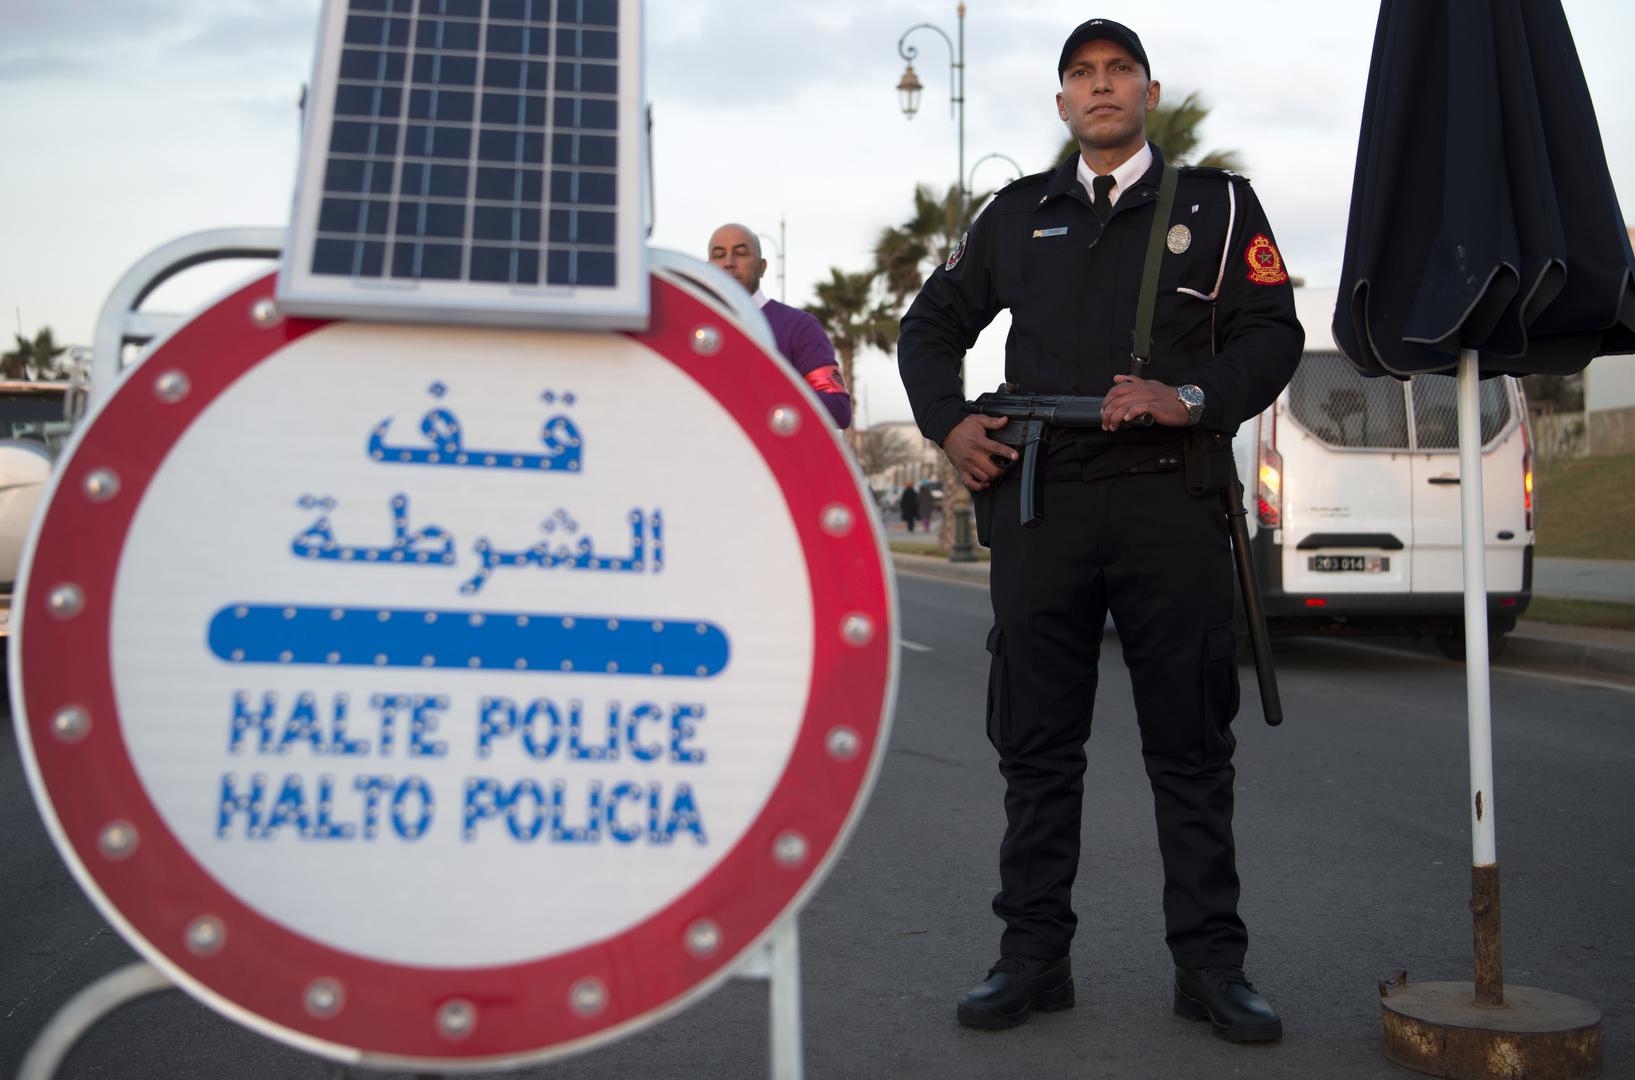 المغرب.. نصاب باسم القصر الملكي أوقع بعشرات الضحايا!